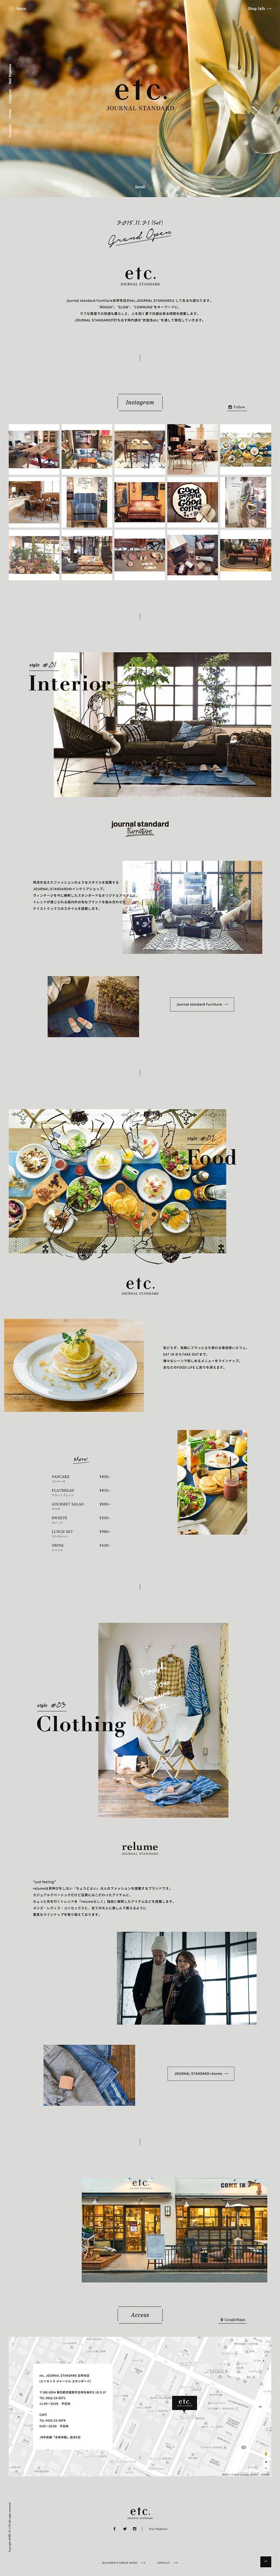 http://etc.journal-standard.jp/